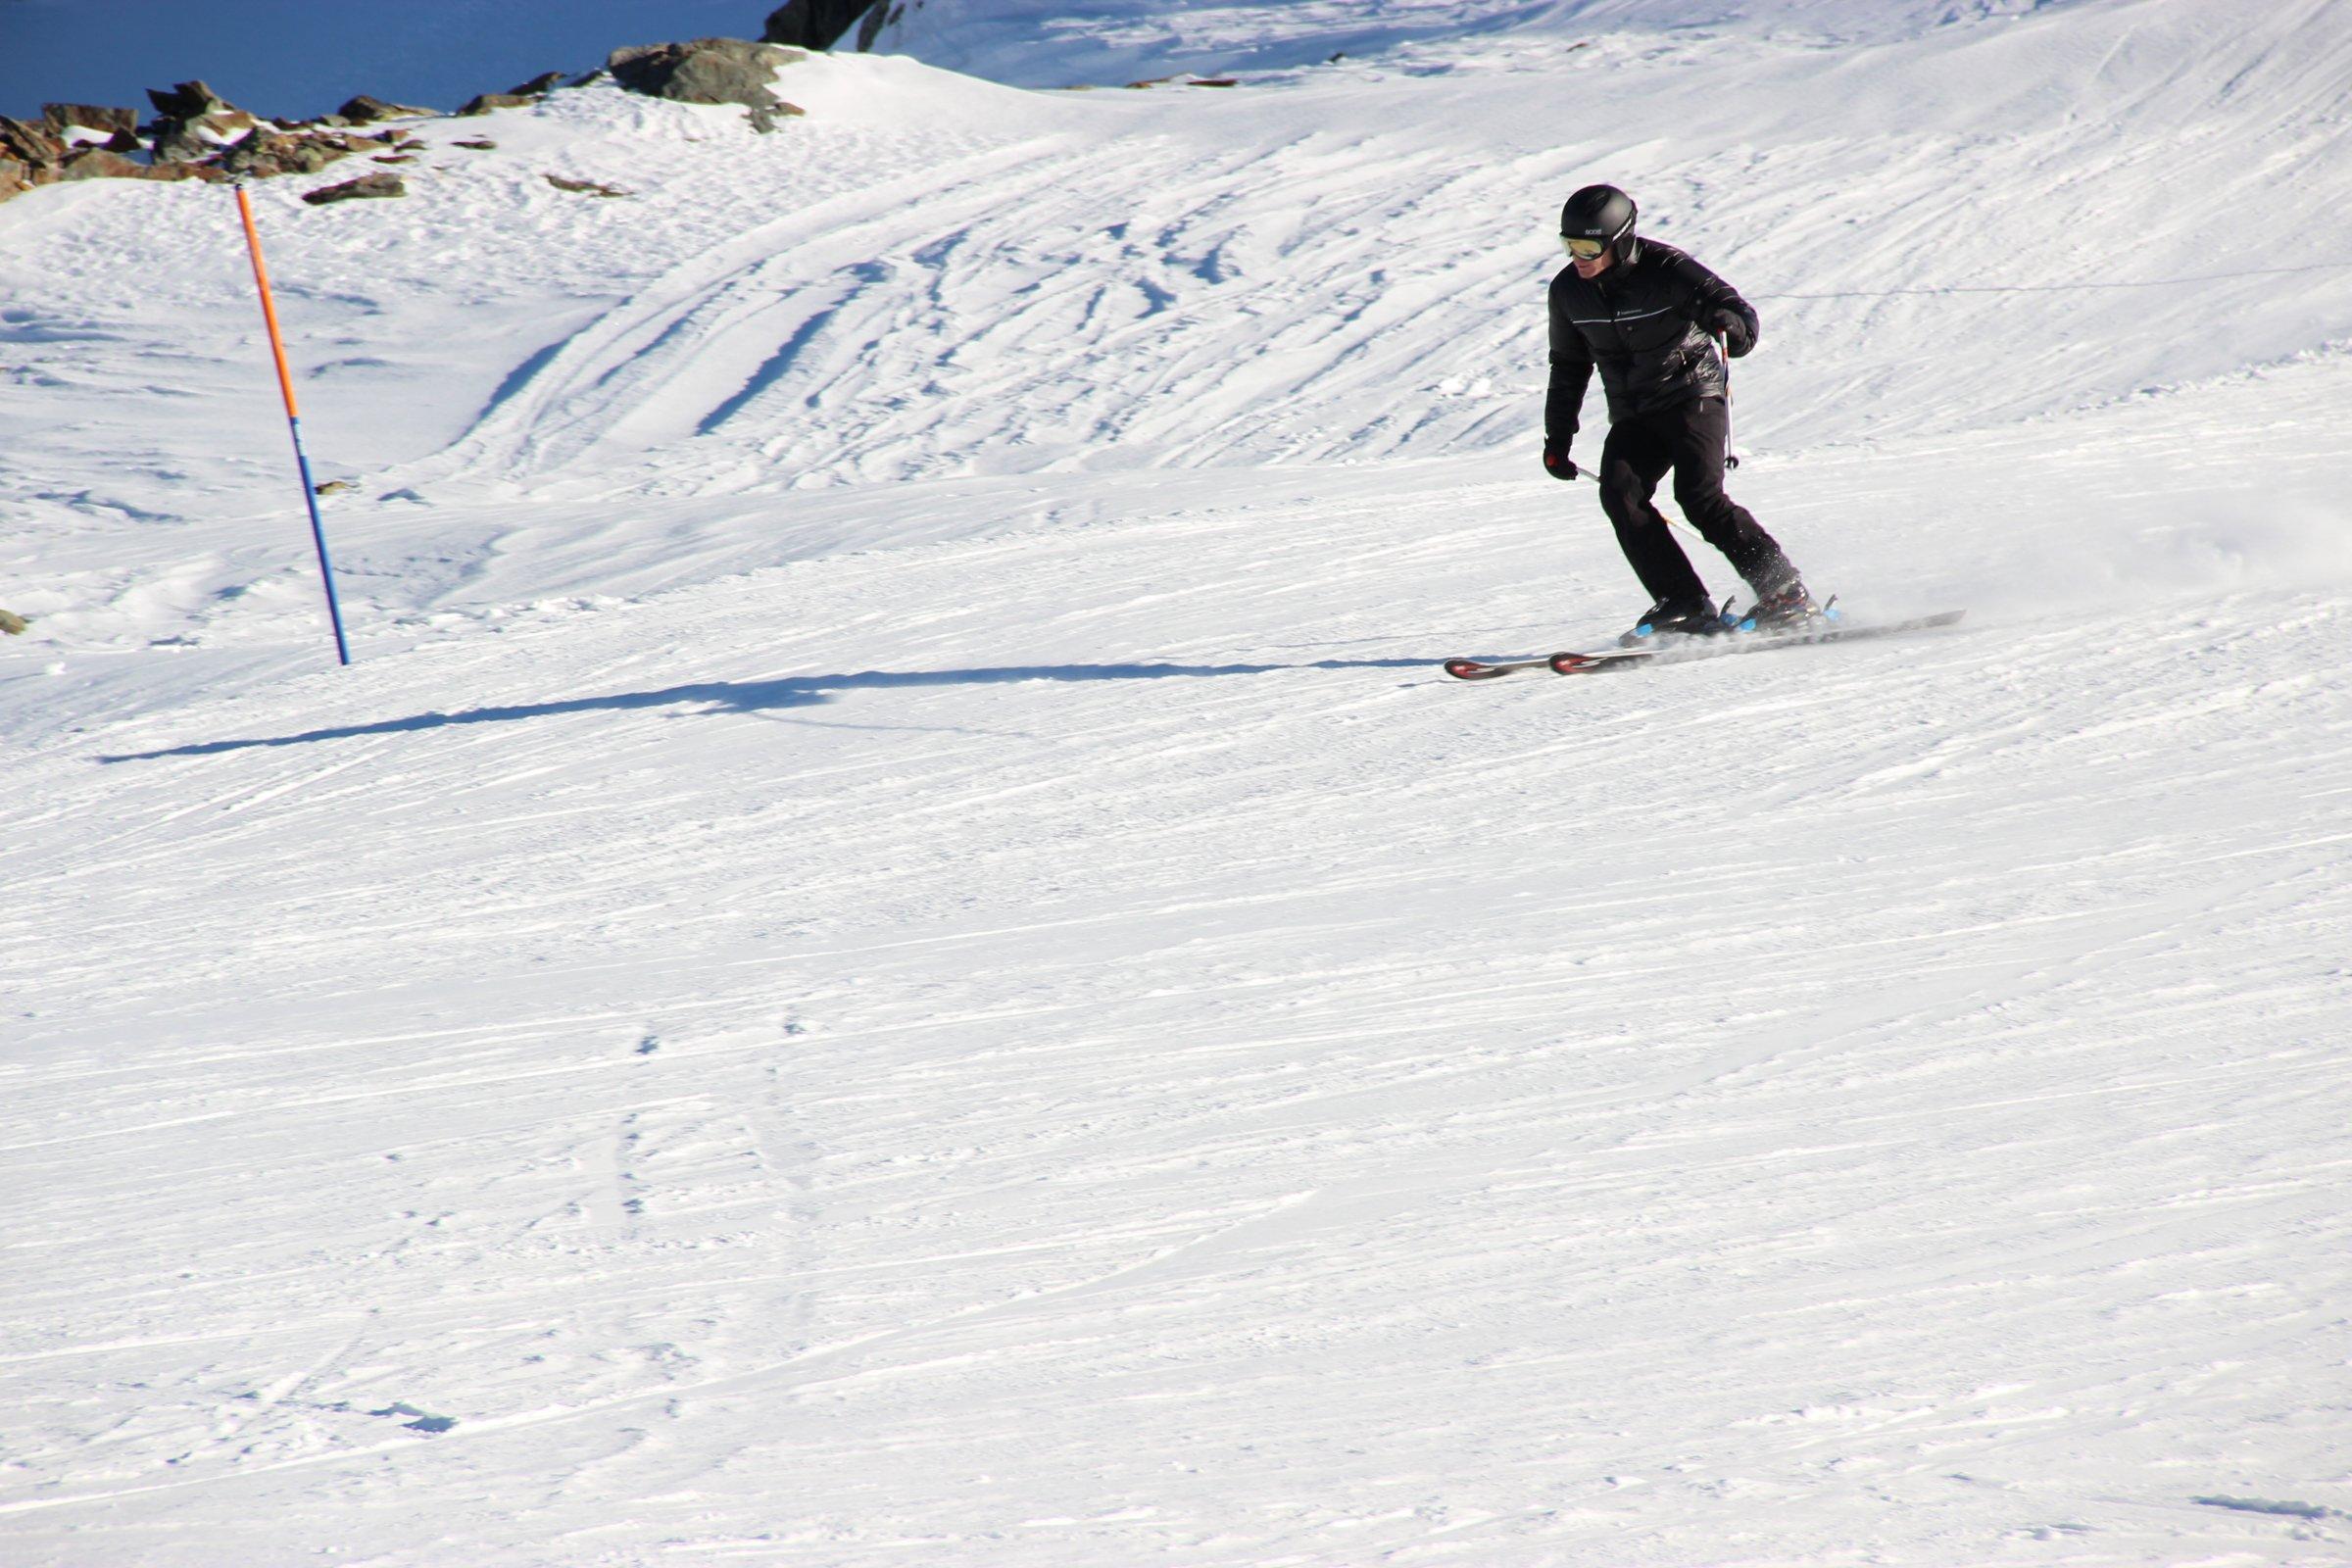 Man Skiing Down Snow Slopes